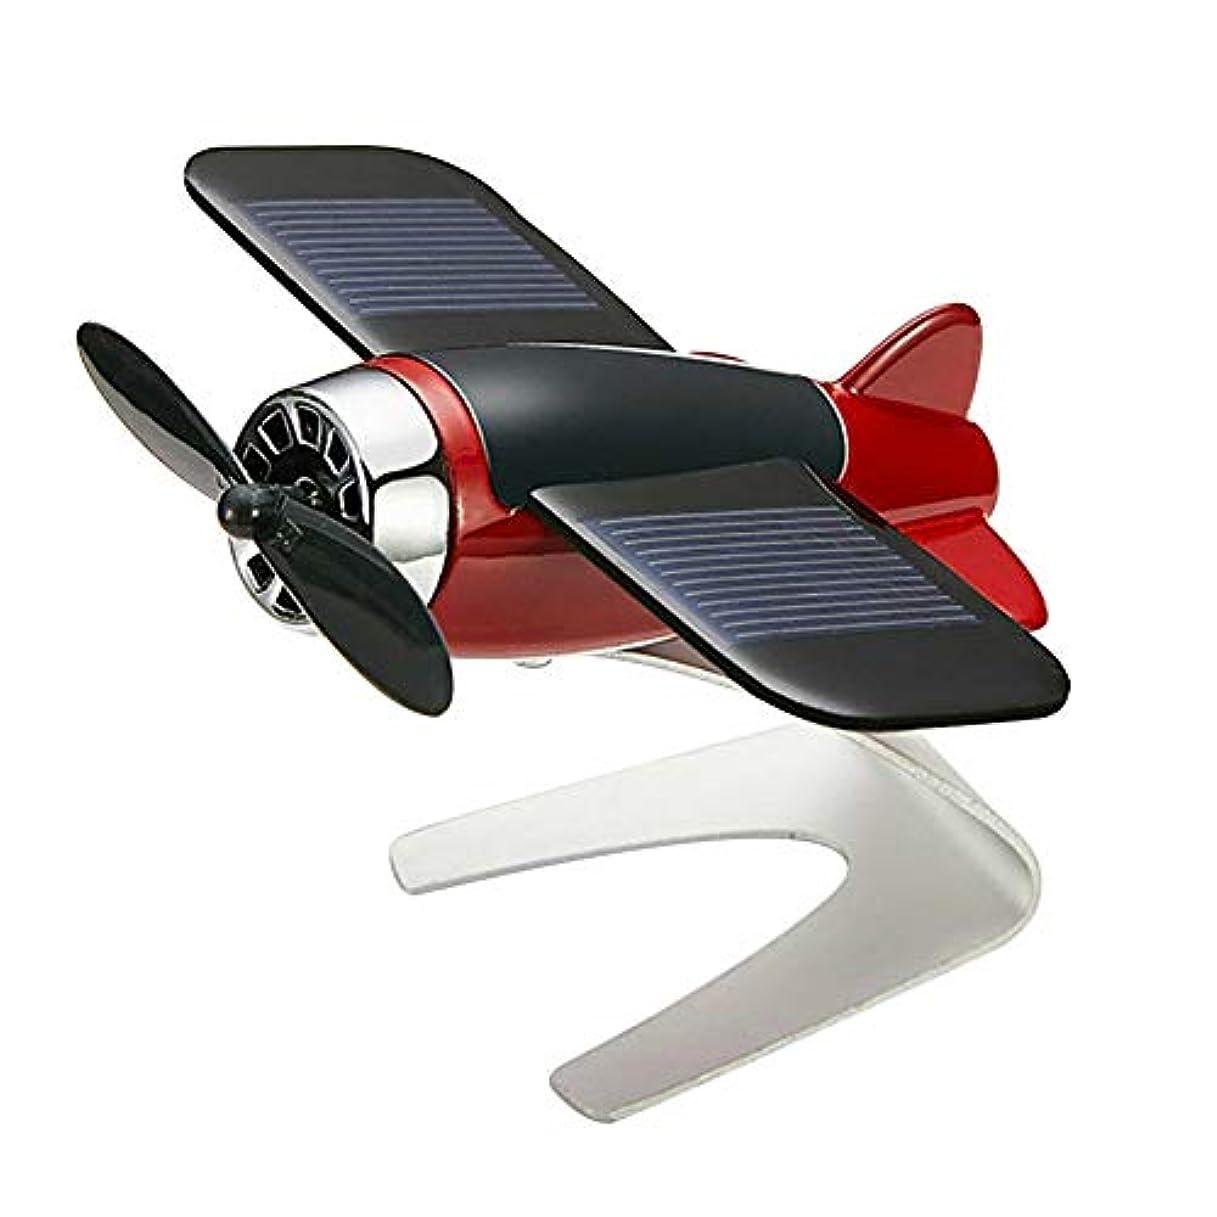 超音速未来略すSymboat 車の芳香剤飛行機航空機モデル太陽エネルギーアロマテラピー室内装飾